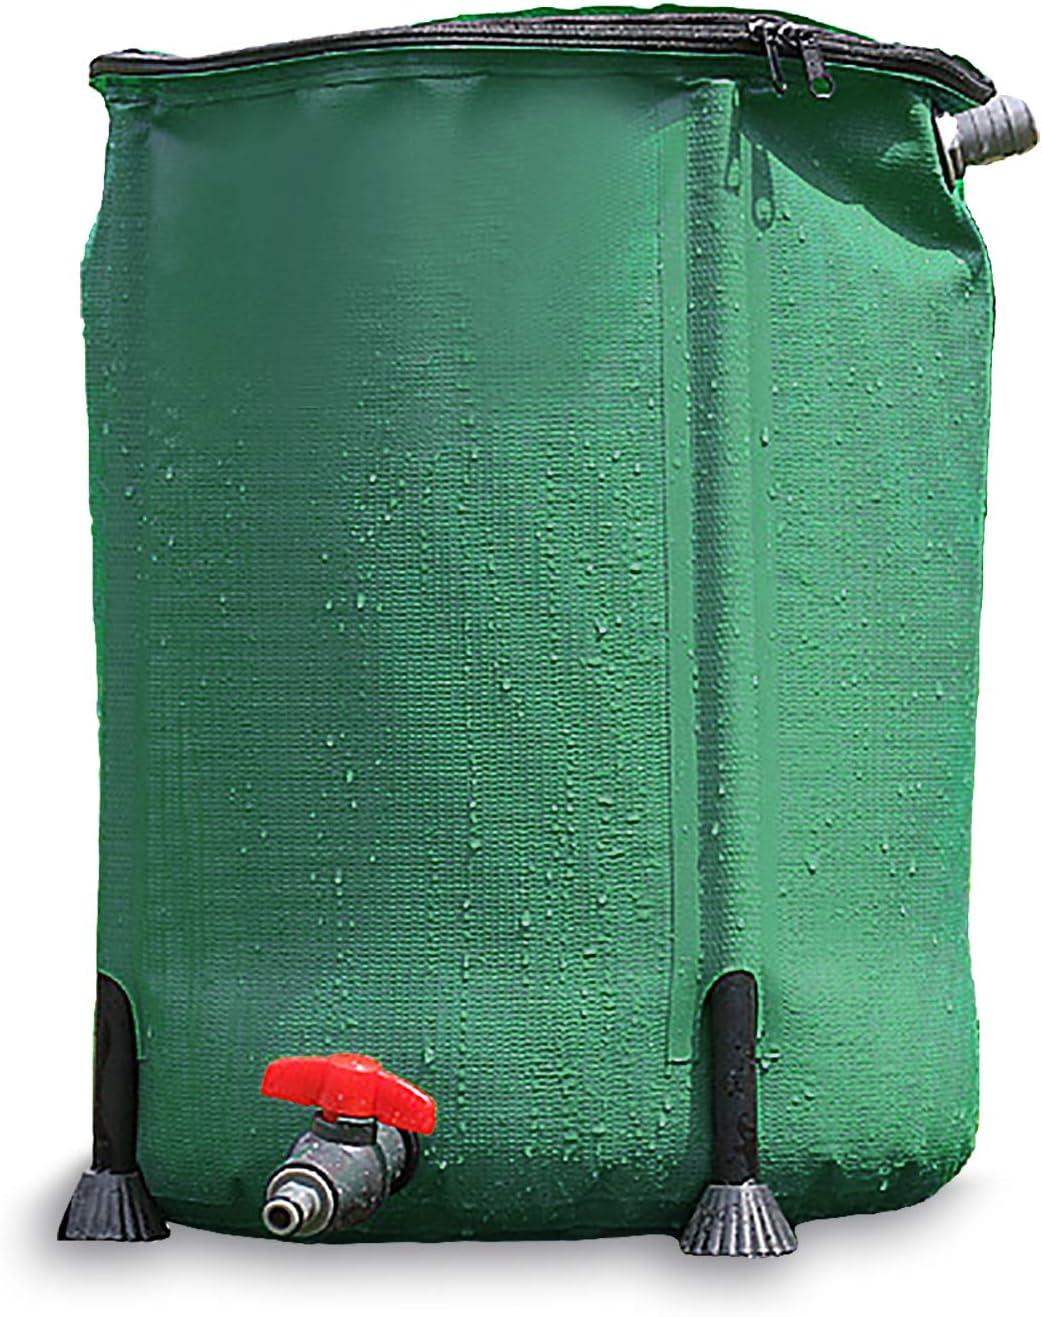 Gnohnay Barril de Lluvia Plegable con Espita Filtro Desbordamiento, Colector Agua Bajante para Riego, Cultivo de Peces, Reutilización de Aguas Residuales (Tamaño: 100L/40X78cm)